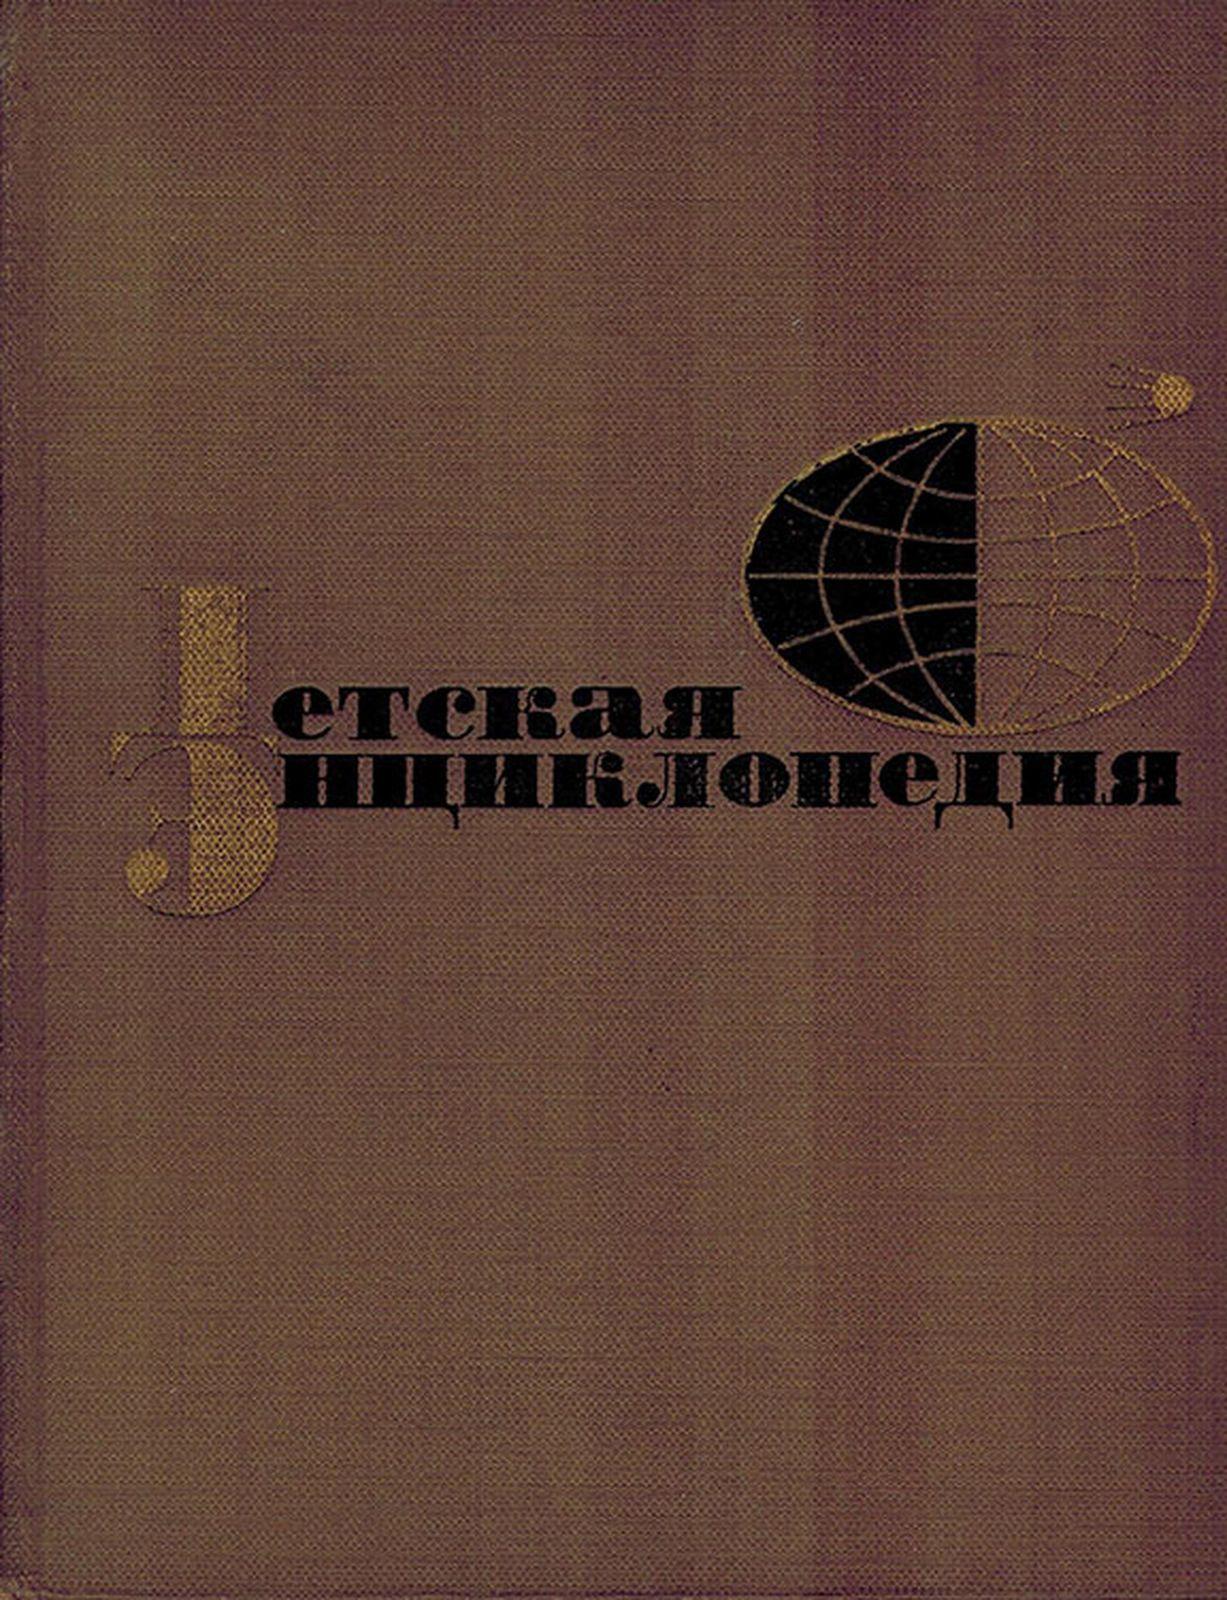 Детская энциклопедия (комплект из 12 книг) Том 3 закирова нелли джаз детская энциклопедия cd